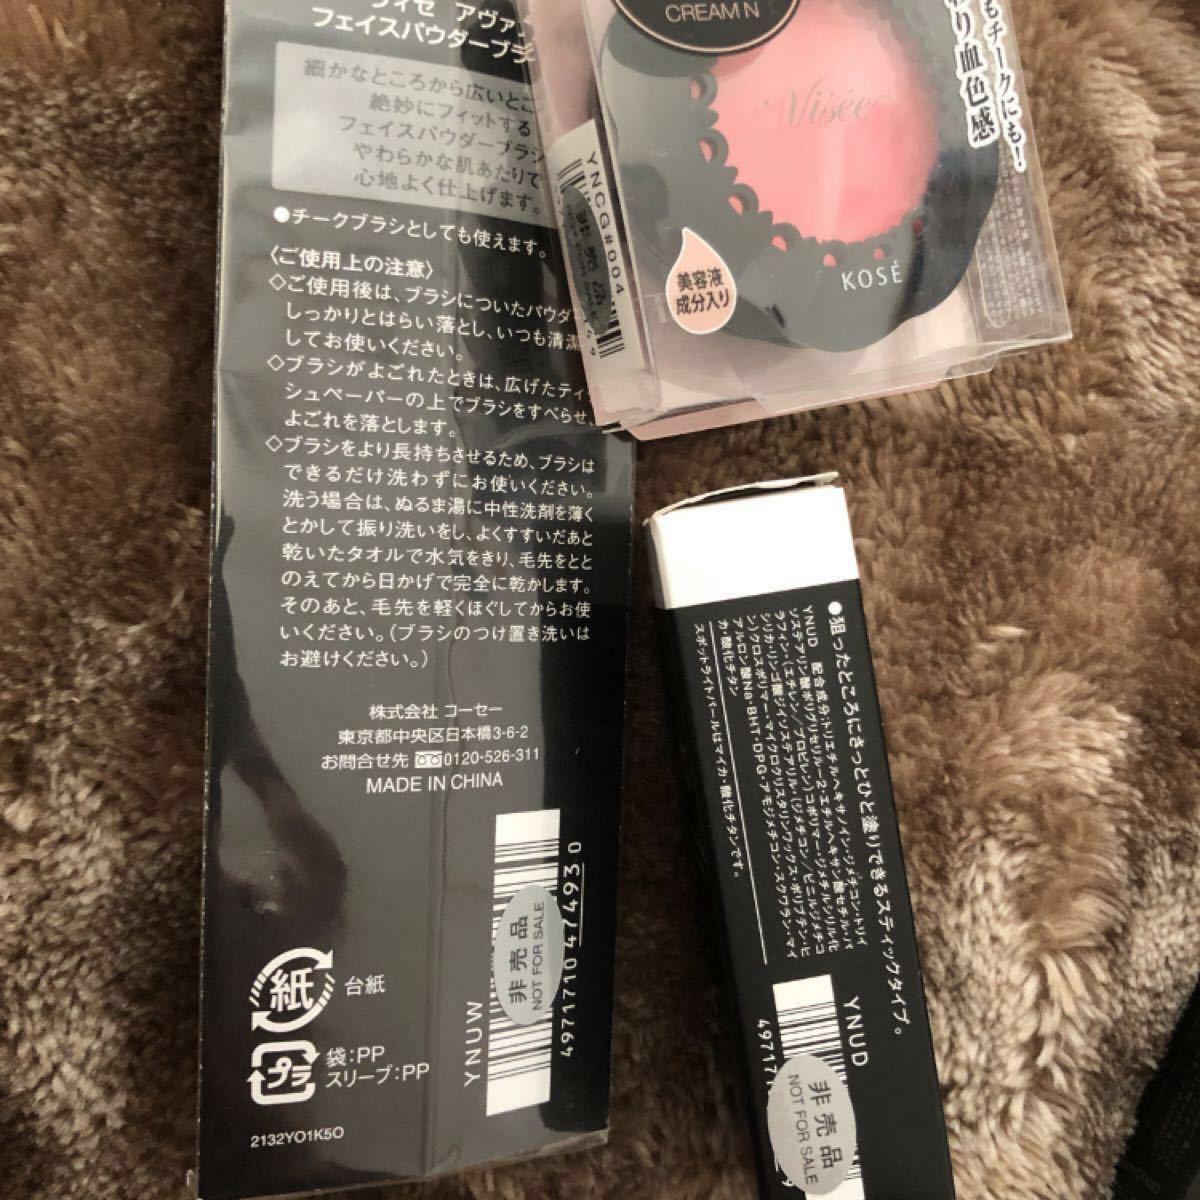 ヴィセ コスメまとめ売り 新品未使用 あり 送料無料 コスメセット